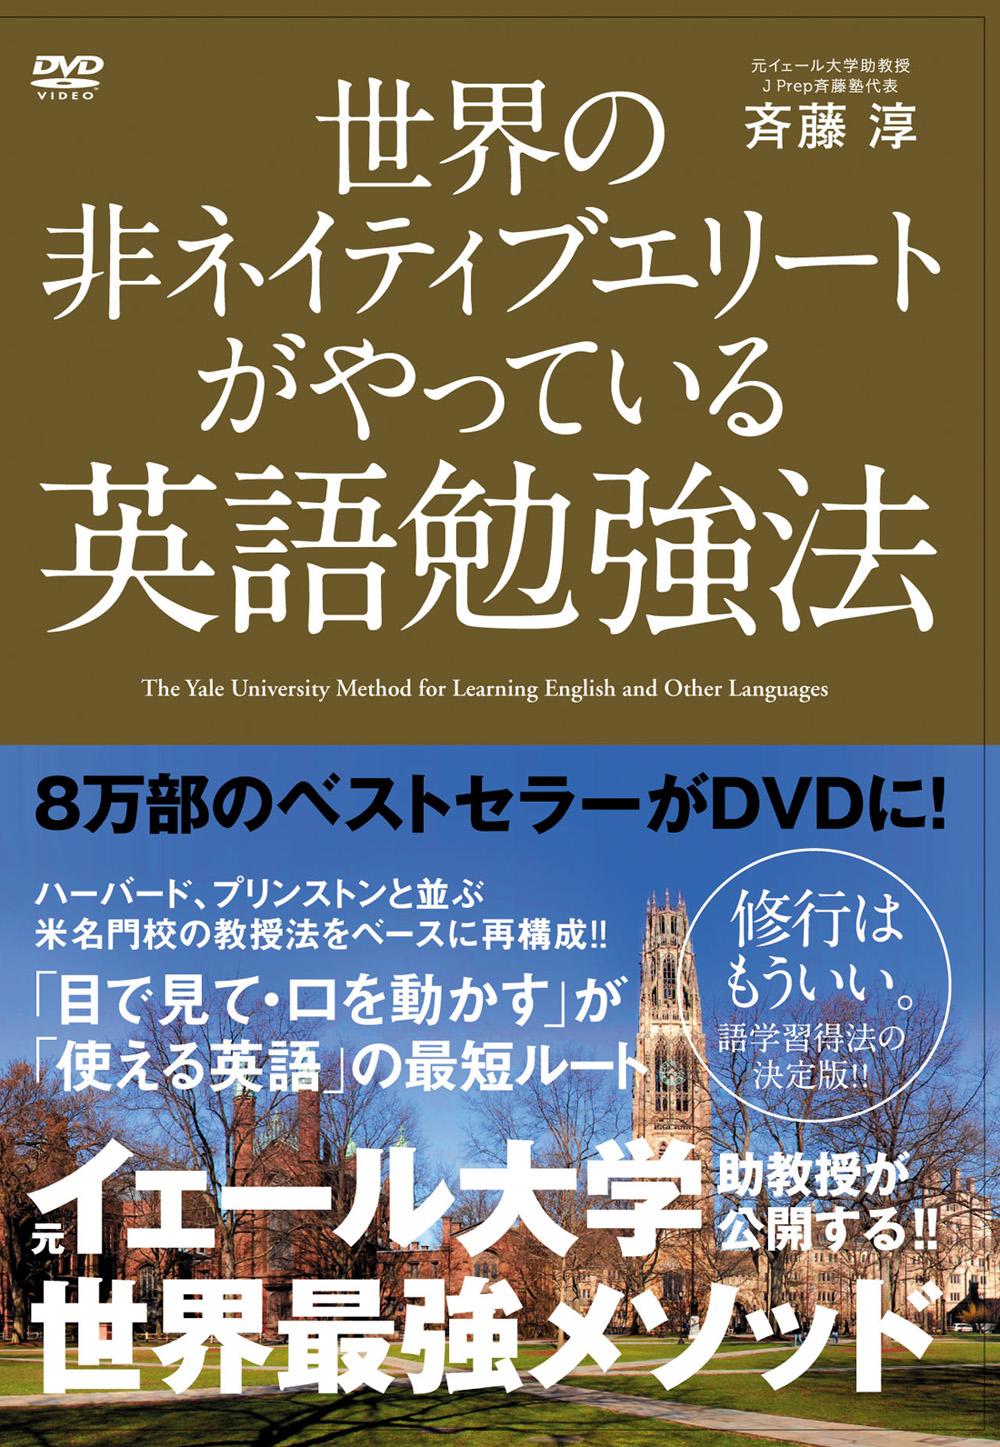 世界の非ネイティブエリートがやっている英語勉強法 DVD表1